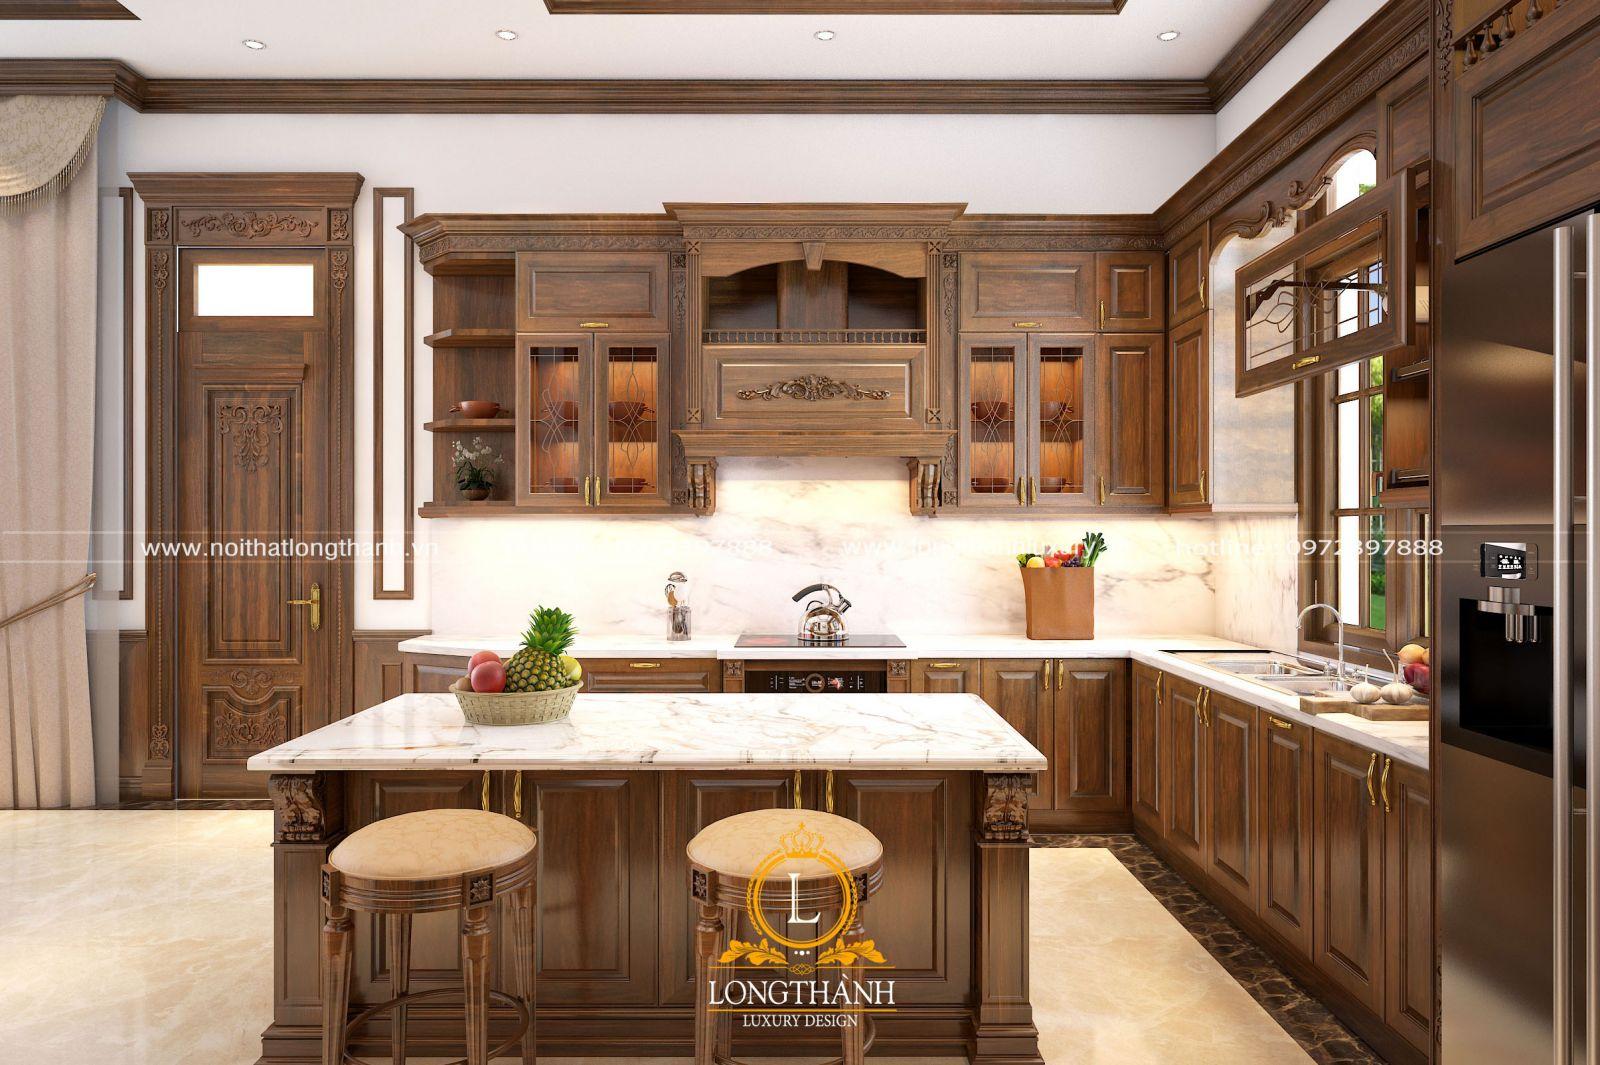 Mẫu tủ bếp gỗ Óc chó chữ L cho phòng bếp cao cấp